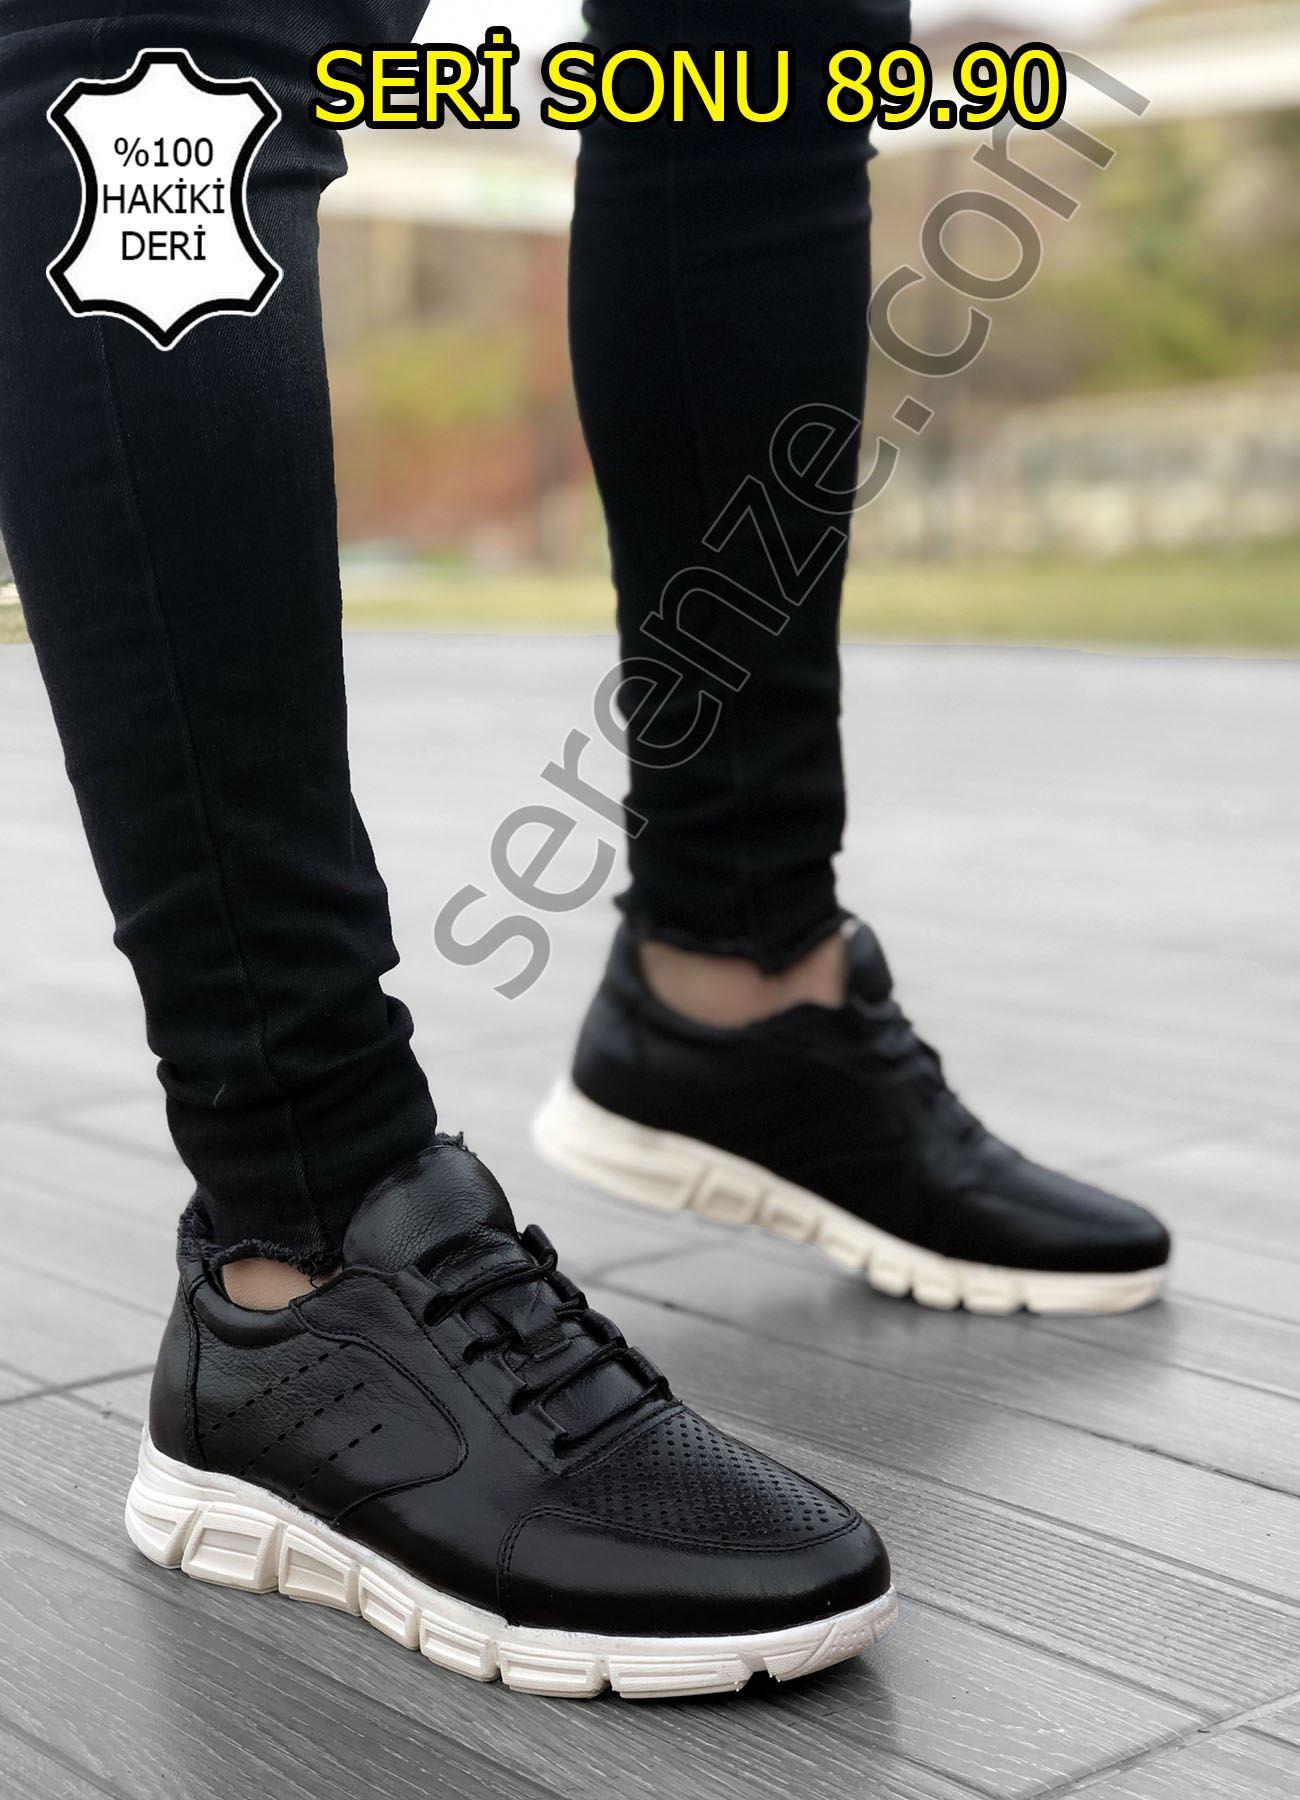 Delikli Model Hakiki Deri Siyah Erkek Spor Ayakkabı